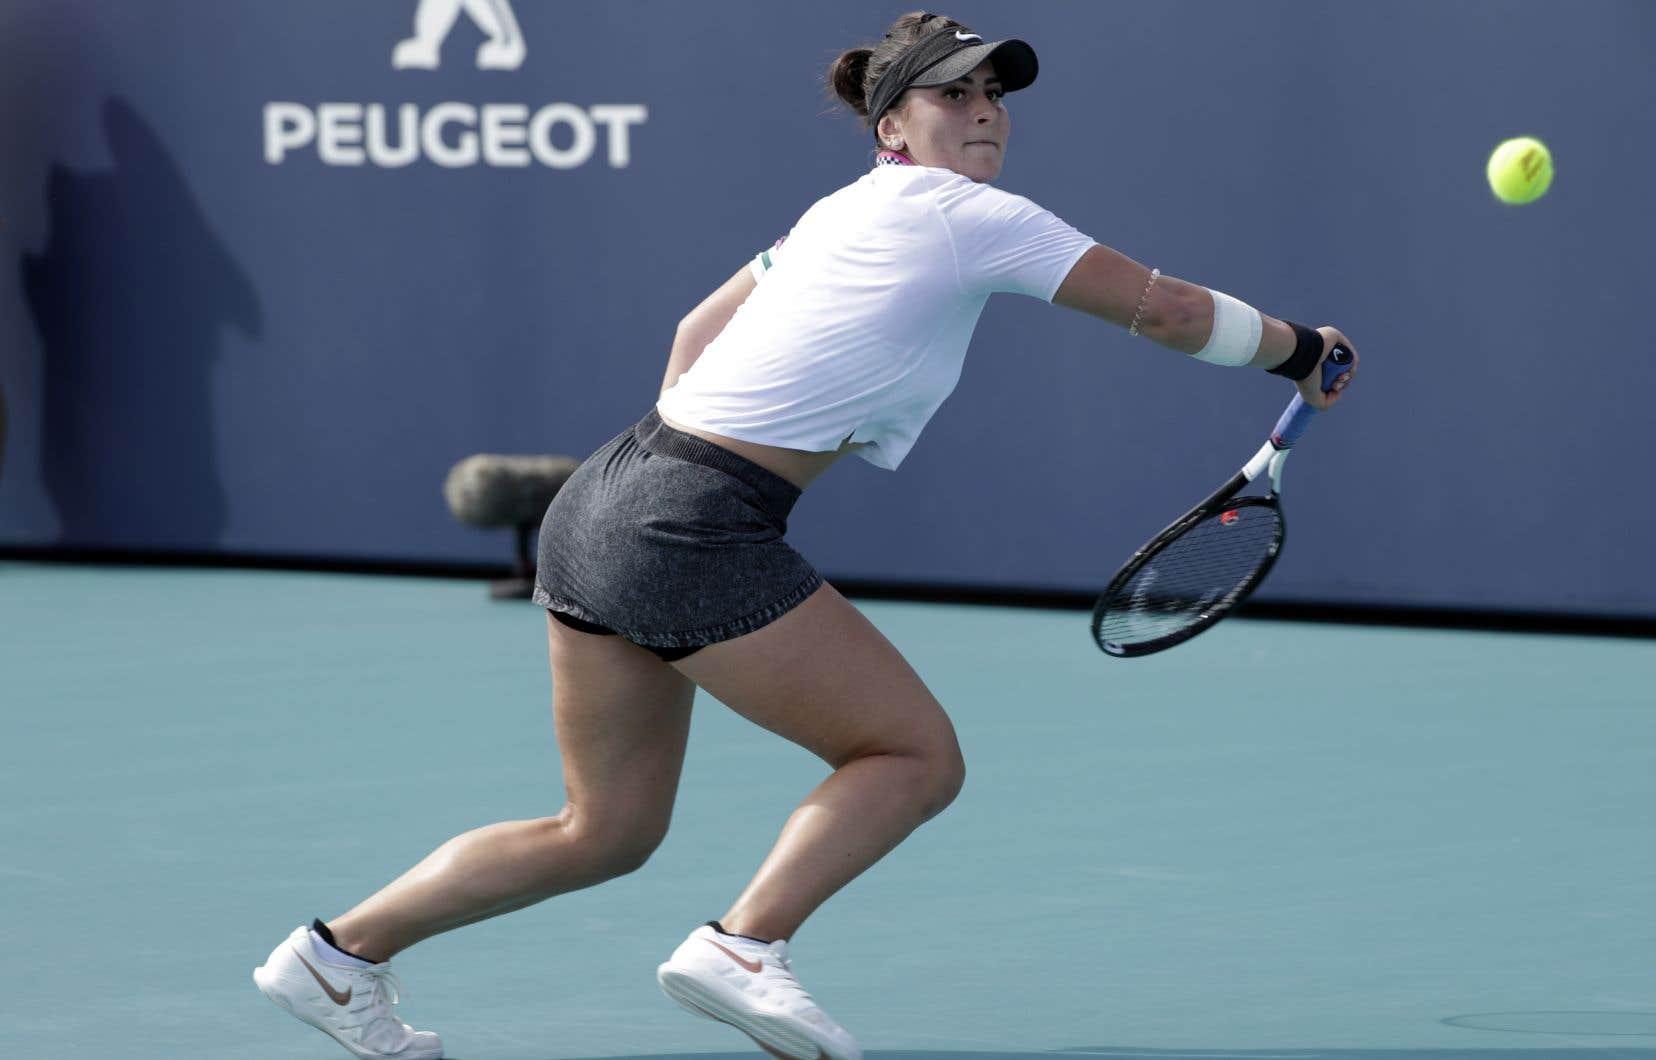 L'Ontarienne Bianca Andreescu, récemment couronnée à Indian Wells, a gagné 4-6, 7-6 (2) et 6-2 contre Irina-Camelia Begu, de la Roumanie.